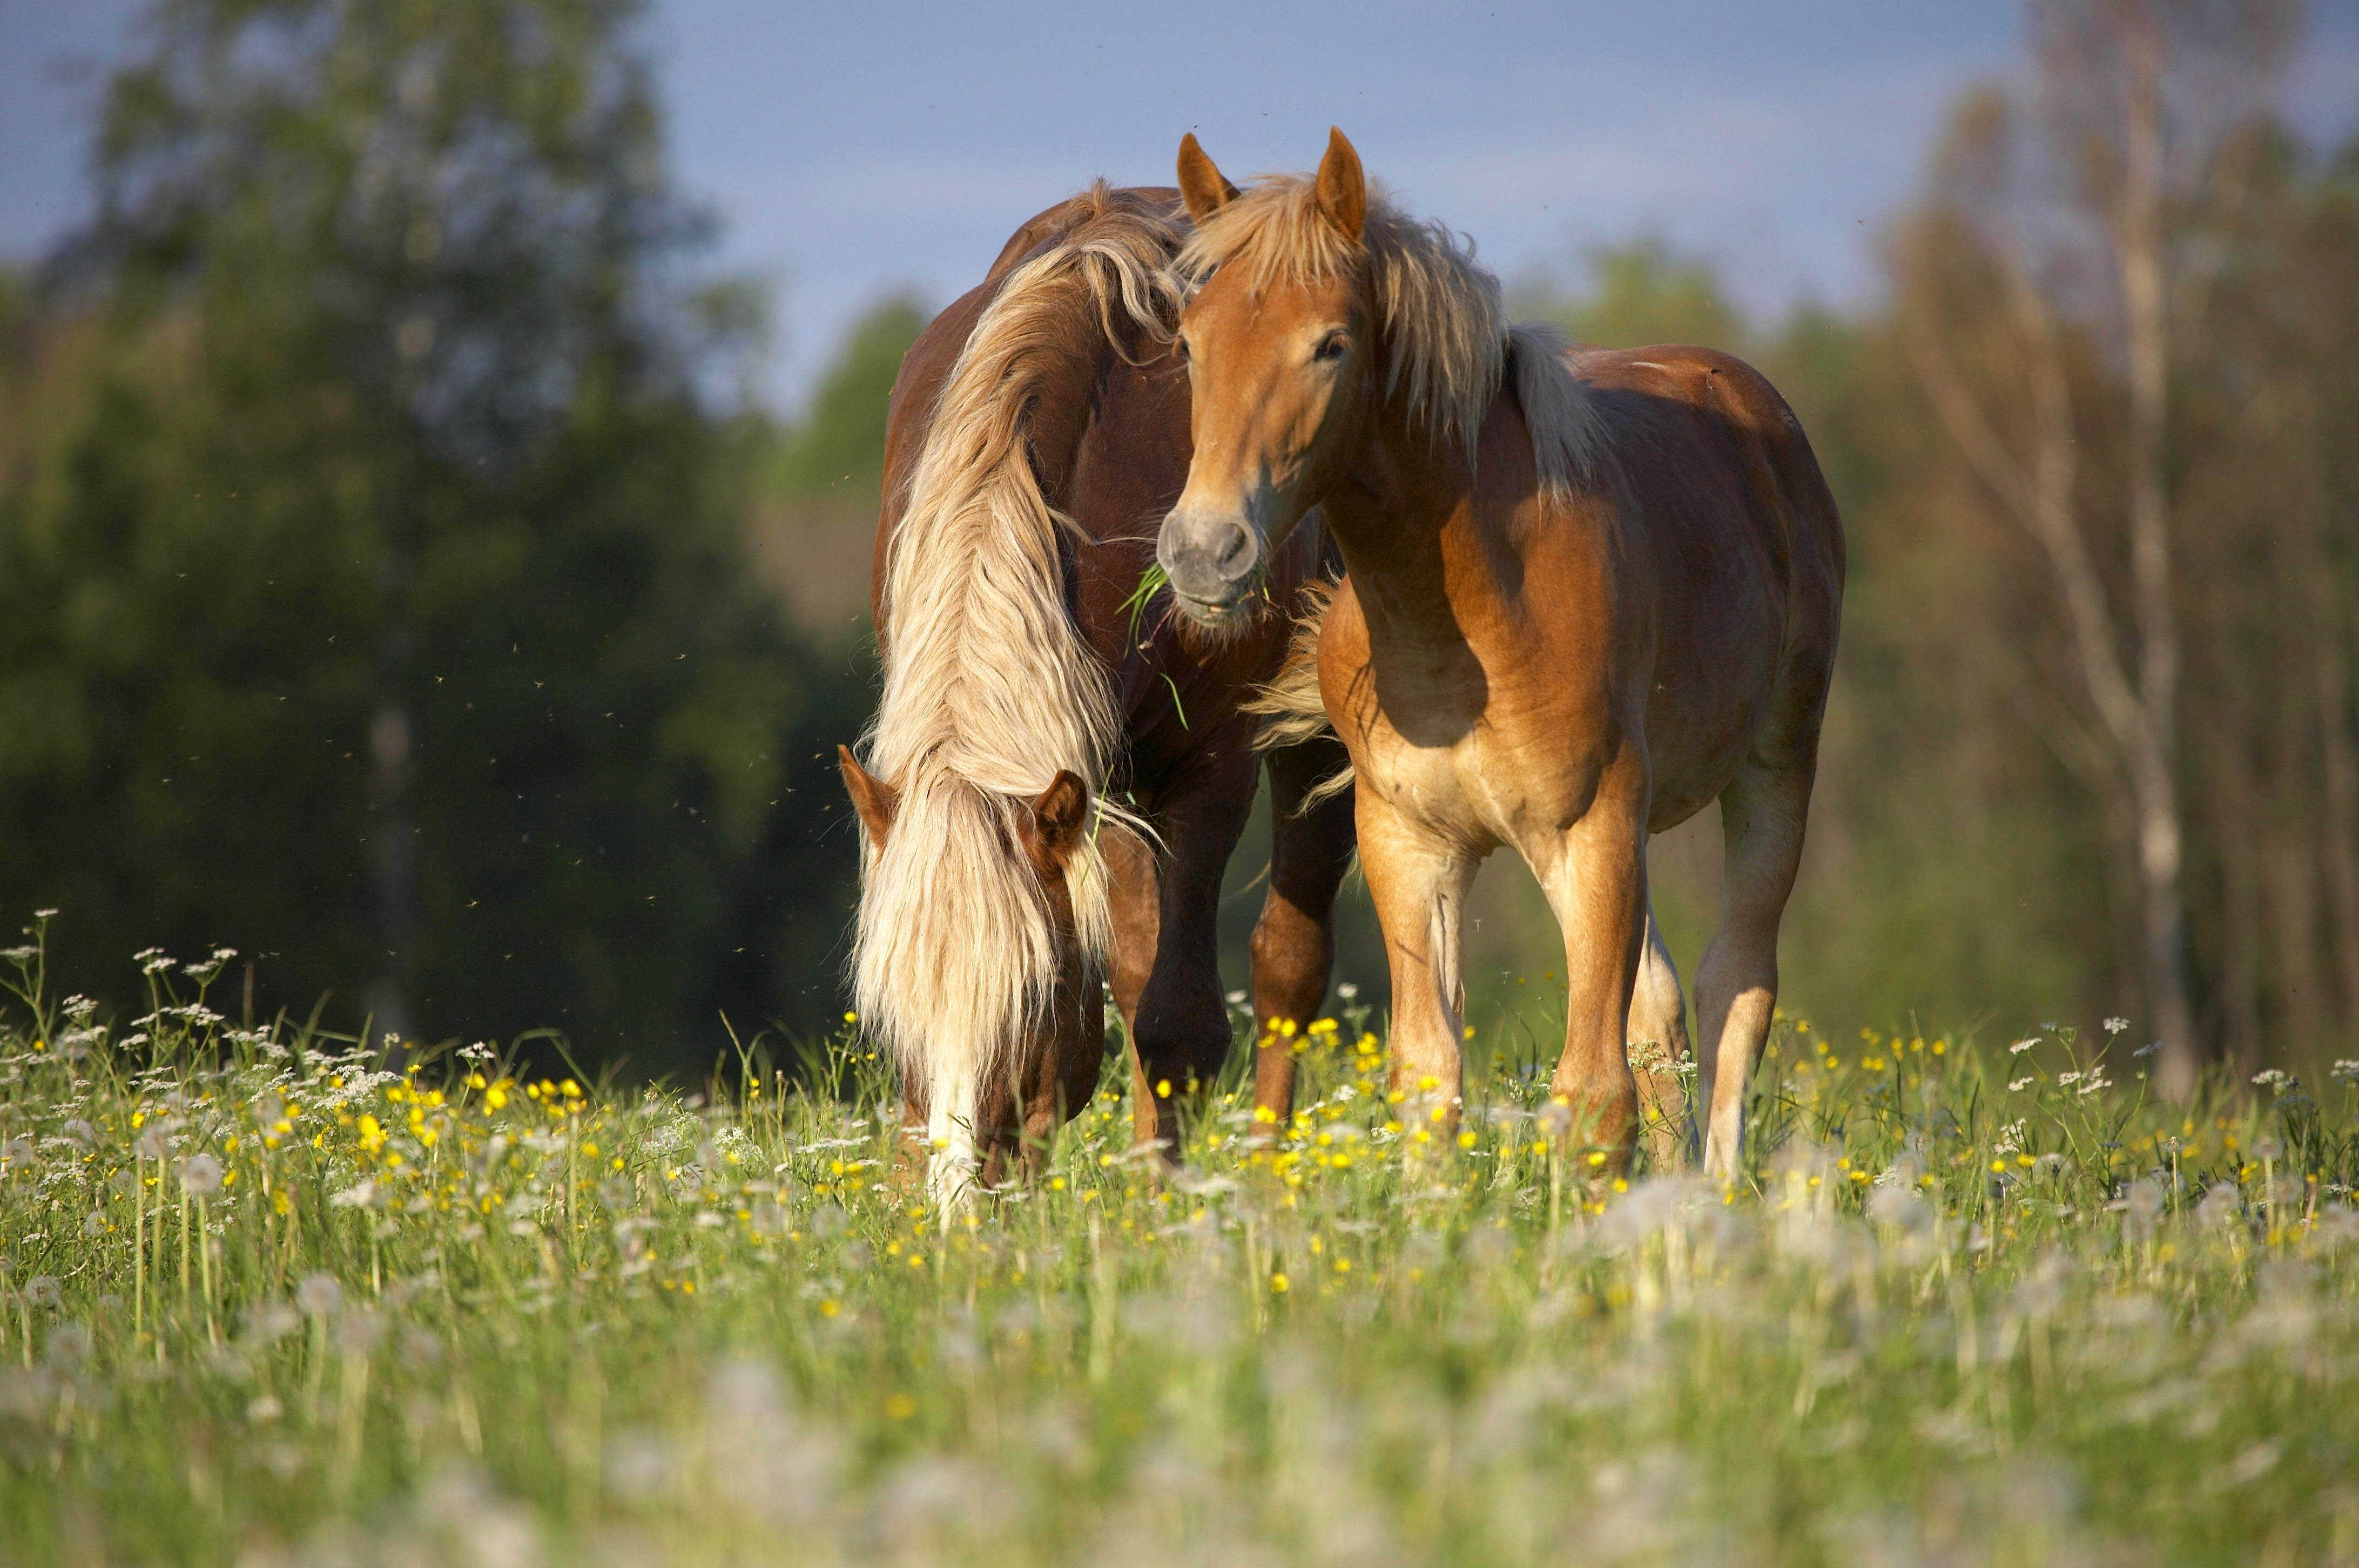 лошадь картинки большого разрешения могут быть проблемы